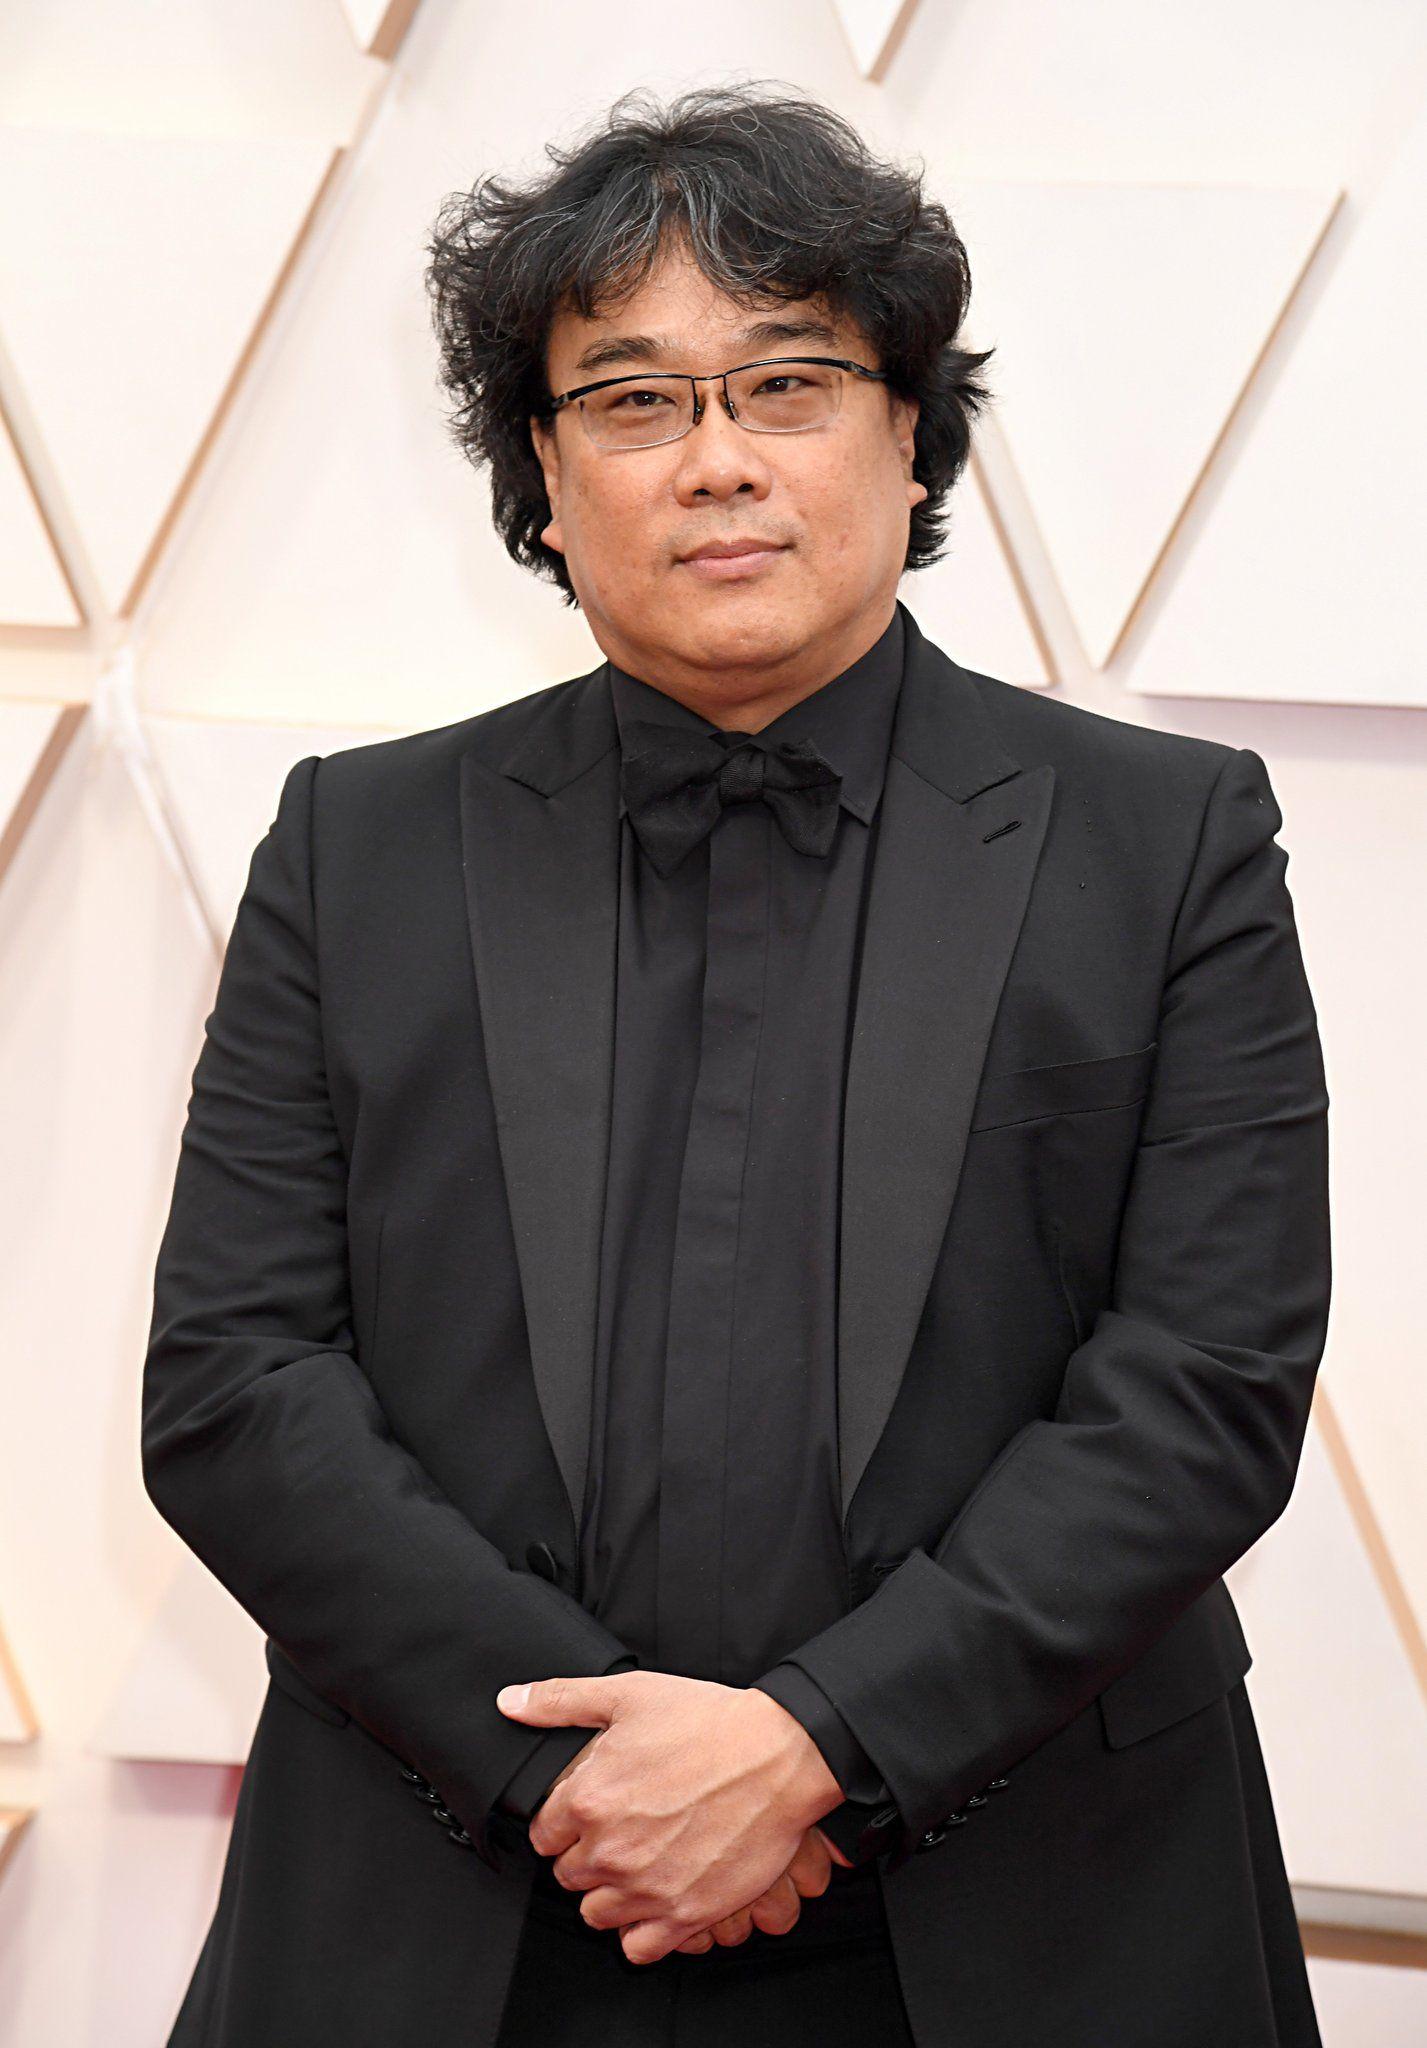 Oscar 2020: Bong Joon-ho